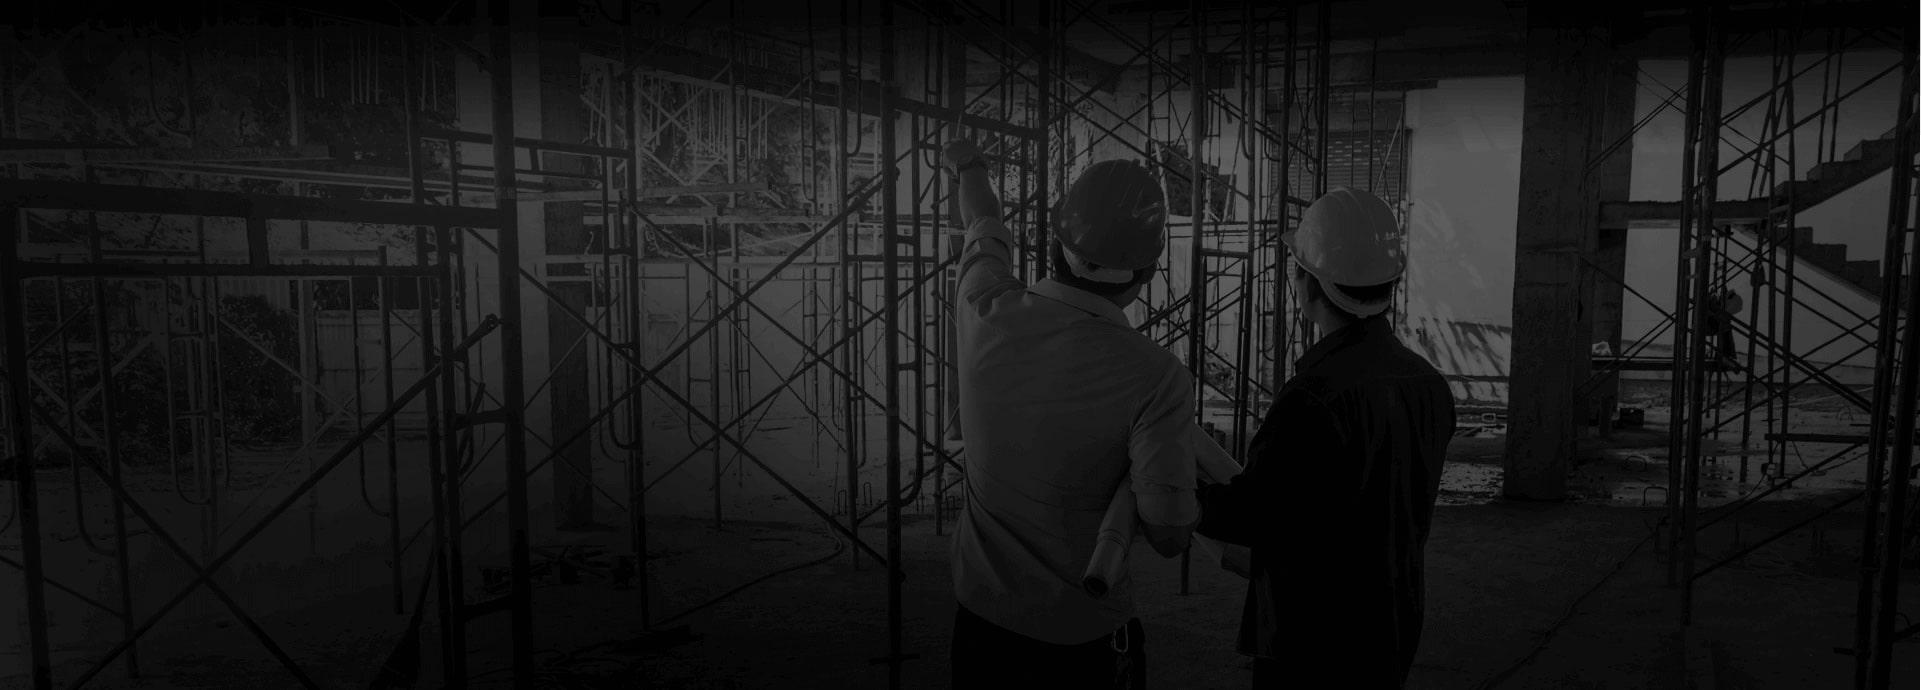 Sienge Plataforma - ajudando a construção civil